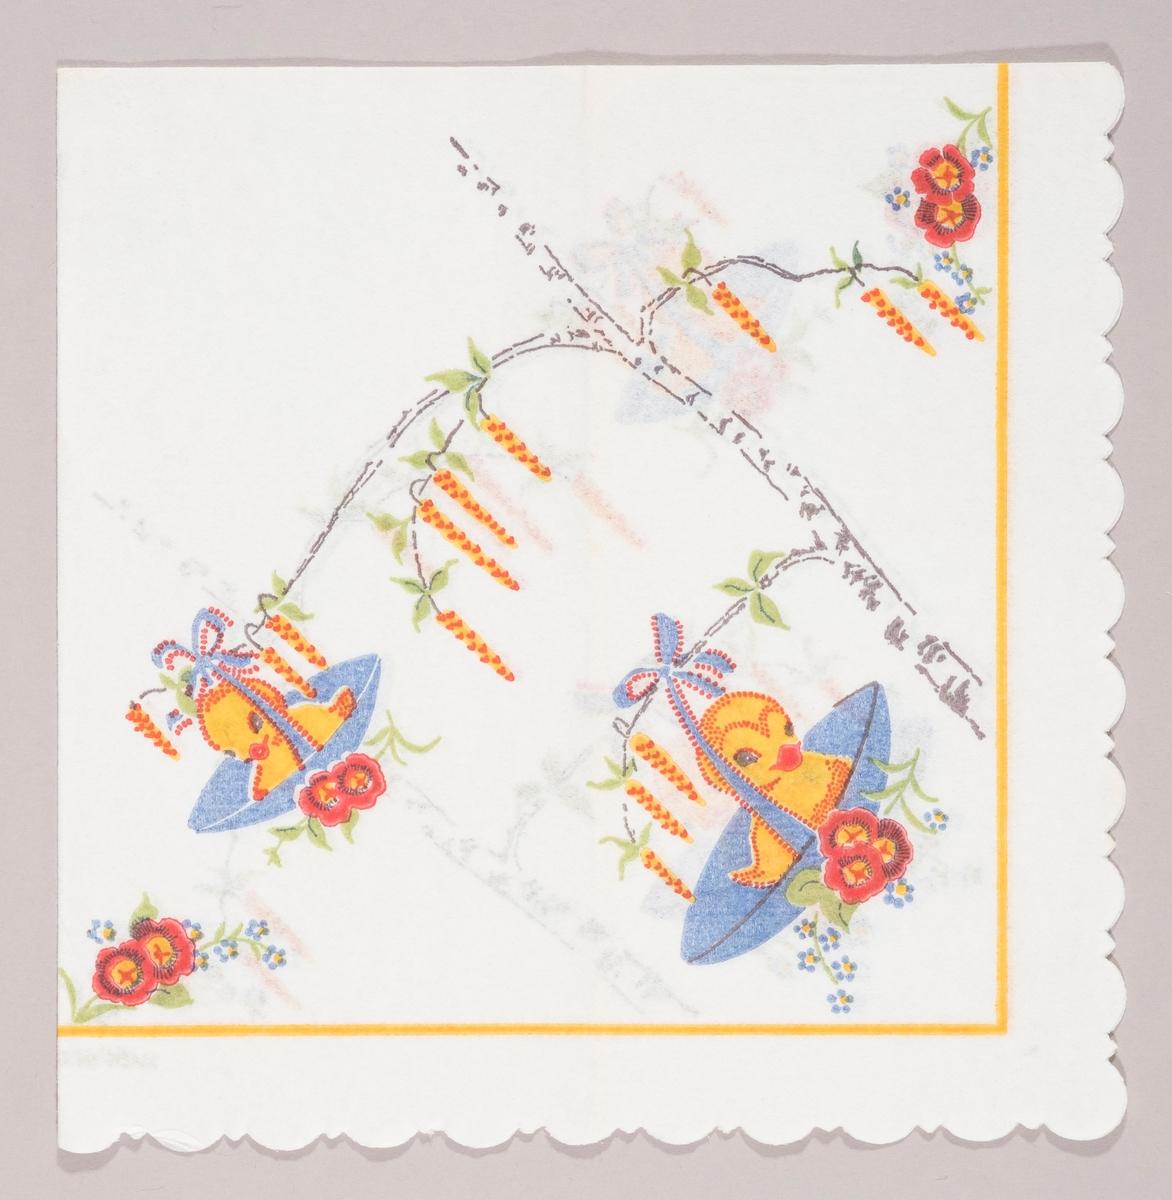 To fugleunger som sitter i hvert sitt blå rede som er festet til grenene på en bjørk med et blått bånd med sløyfe. Bjørken har grener med rakler. Røde og blå blomster.